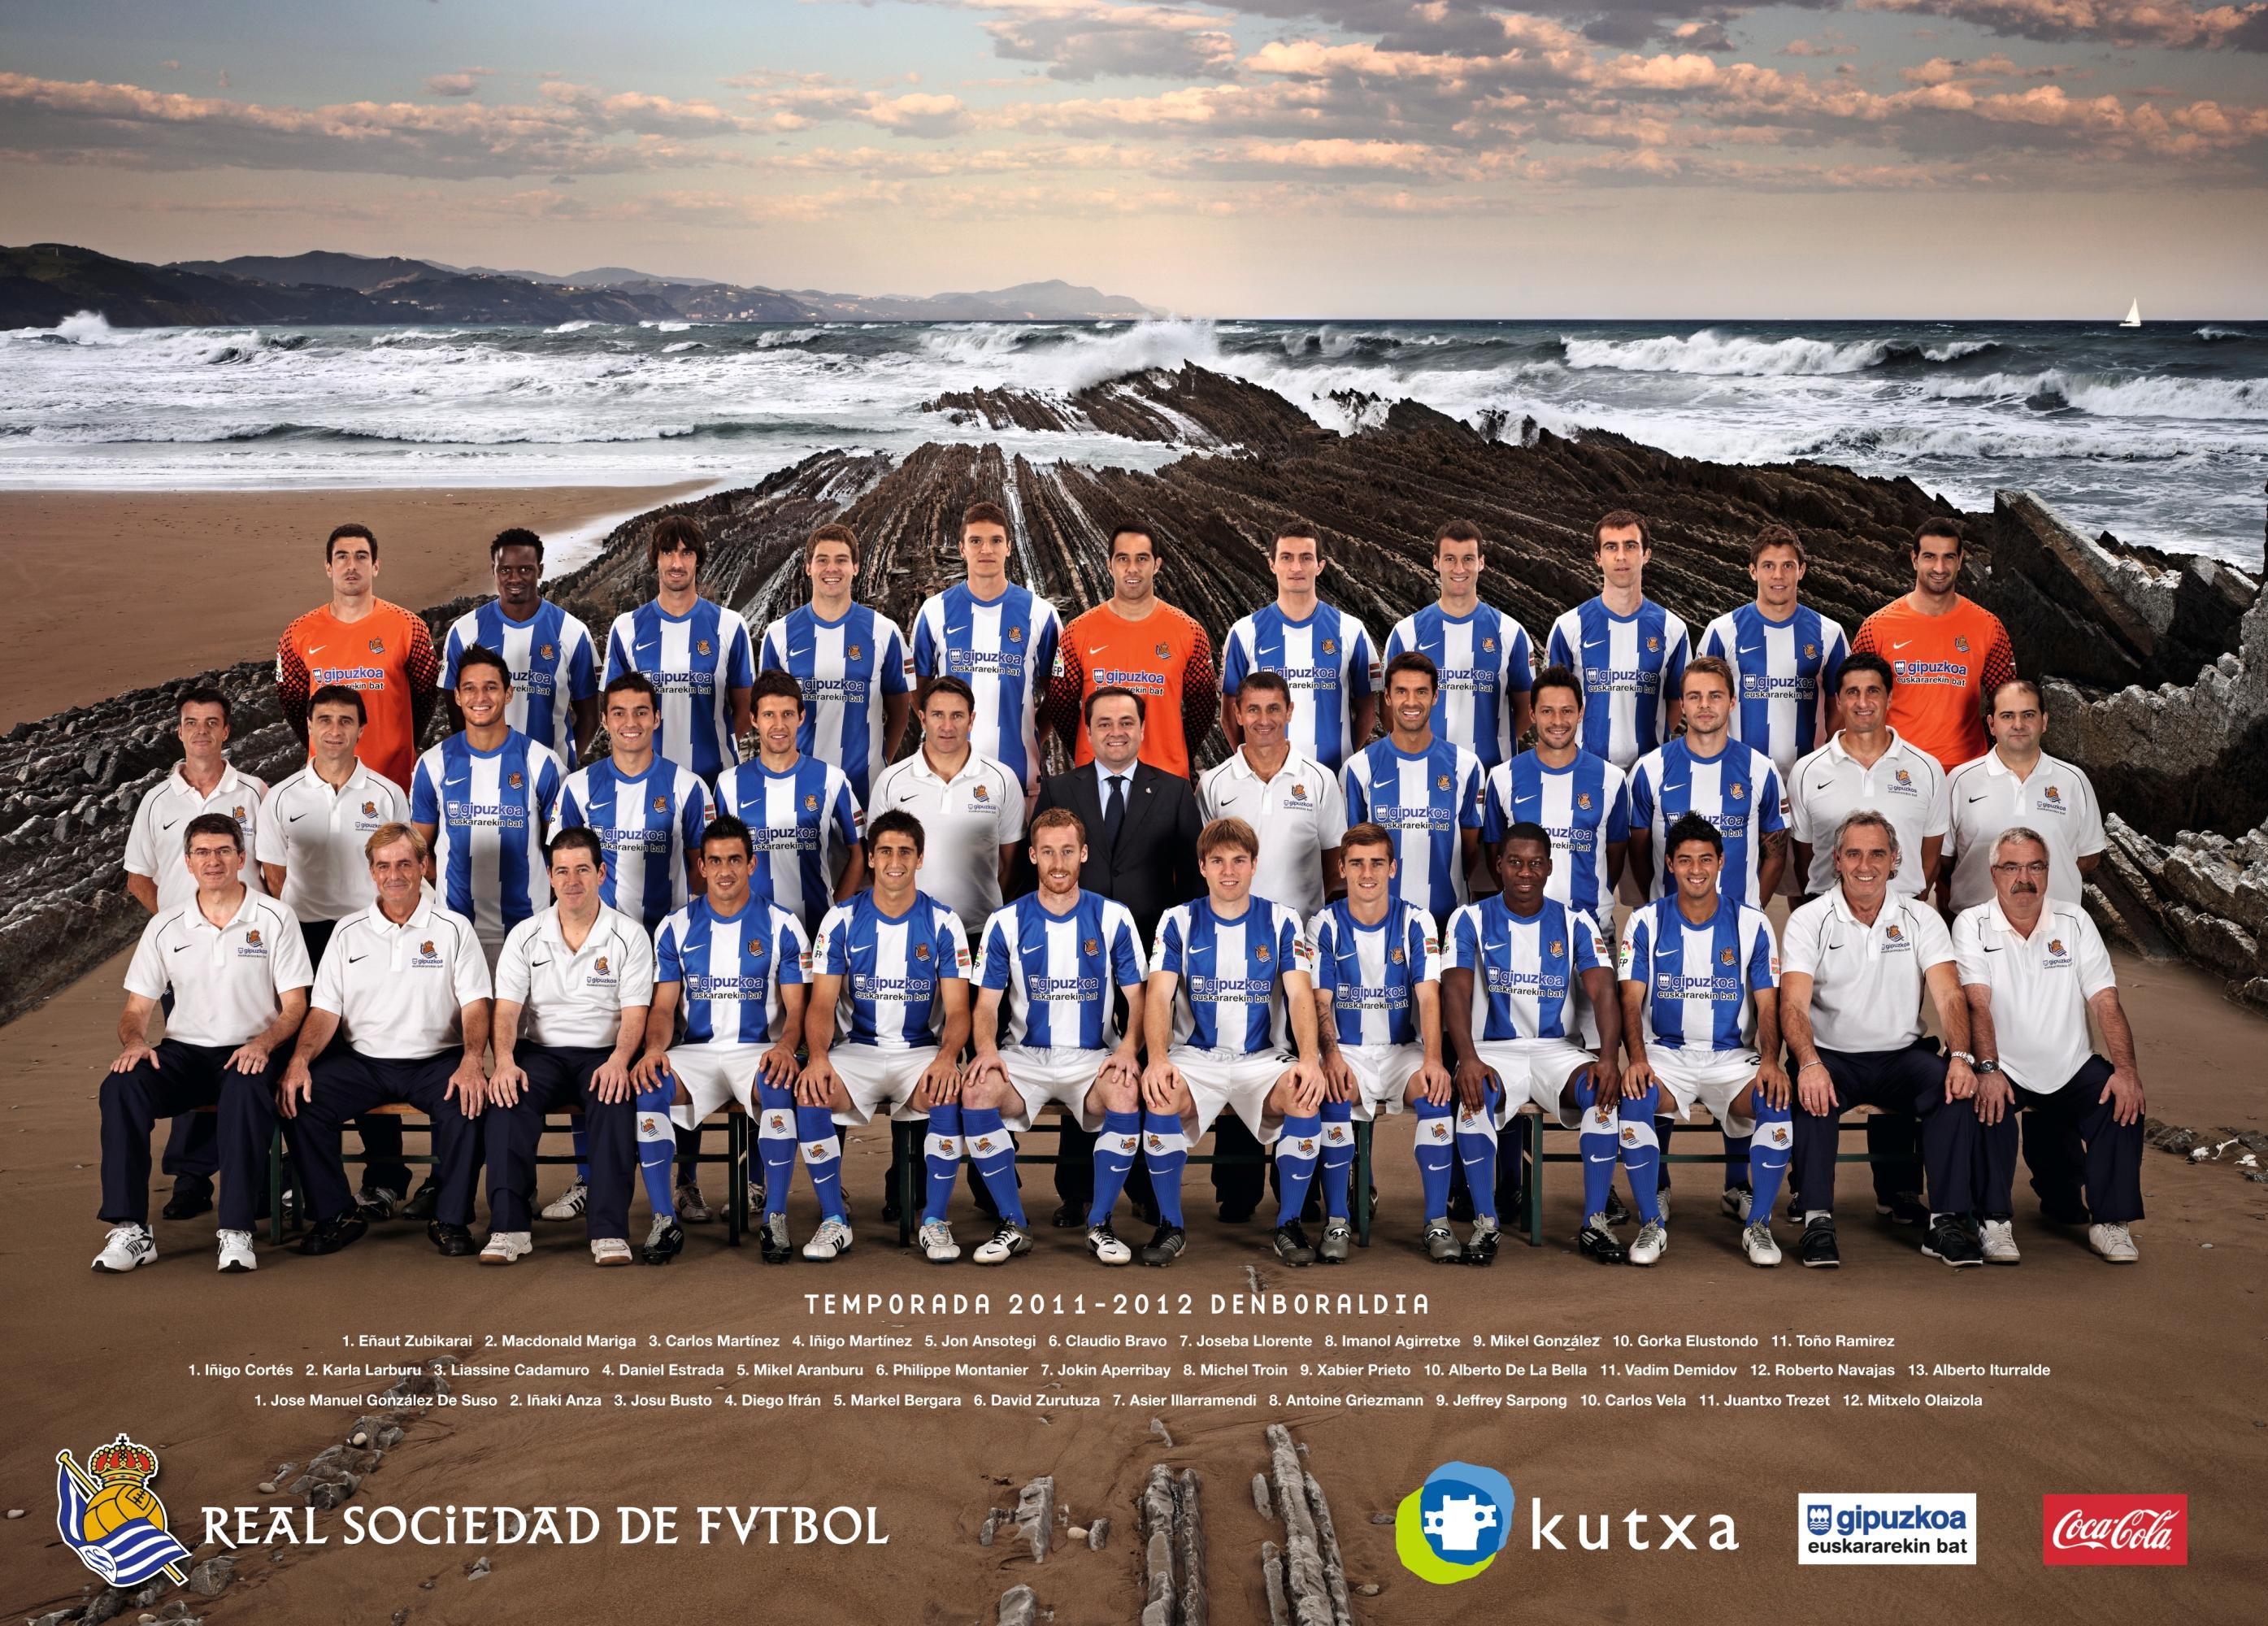 Hilo de la Real Sociedad Poster-de-la-real-2011-2012